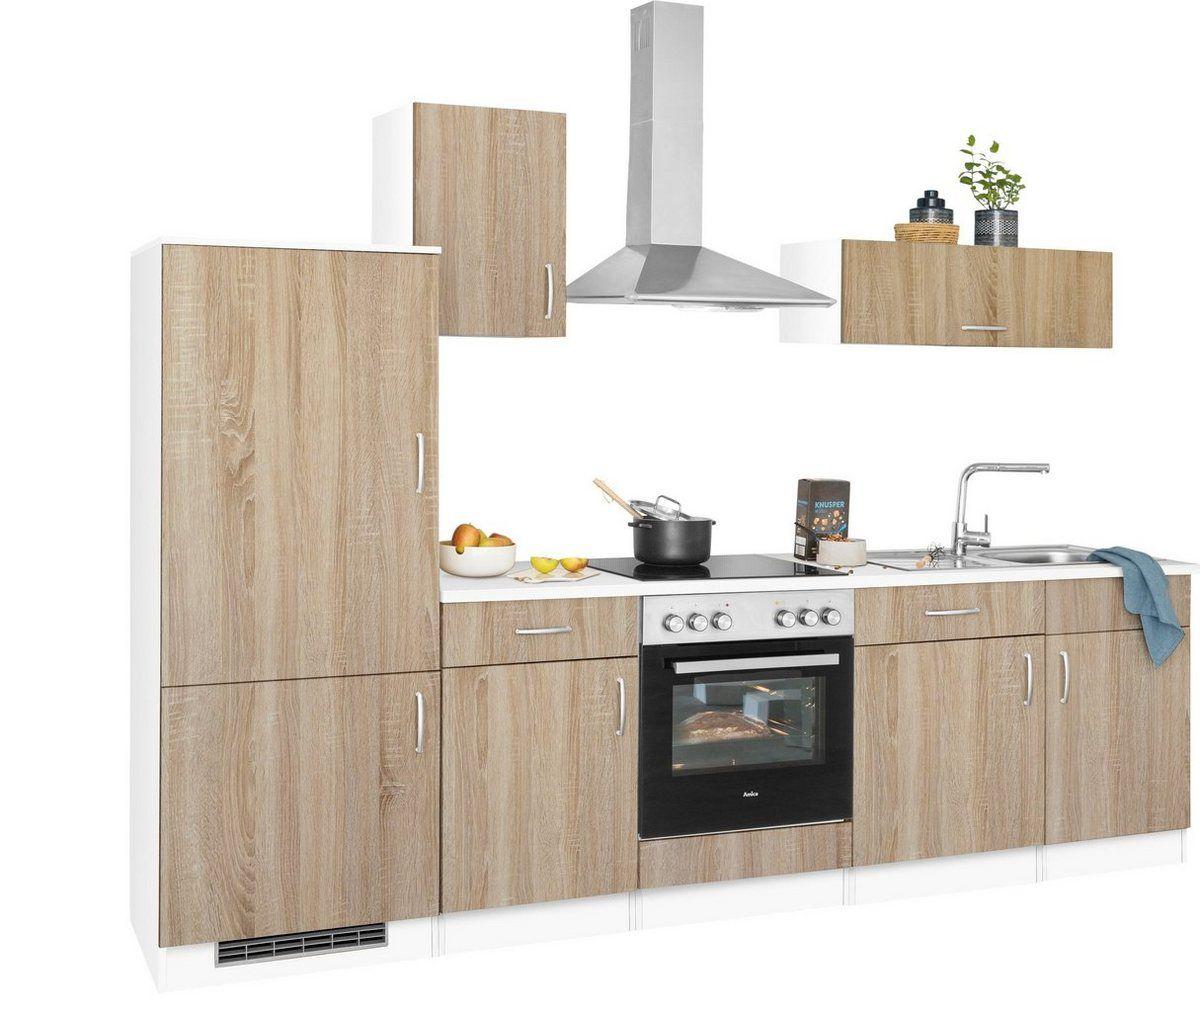 wiho Küchen Küchenzeile »Brilon«, mit E-Geräten, Breite 15 cm